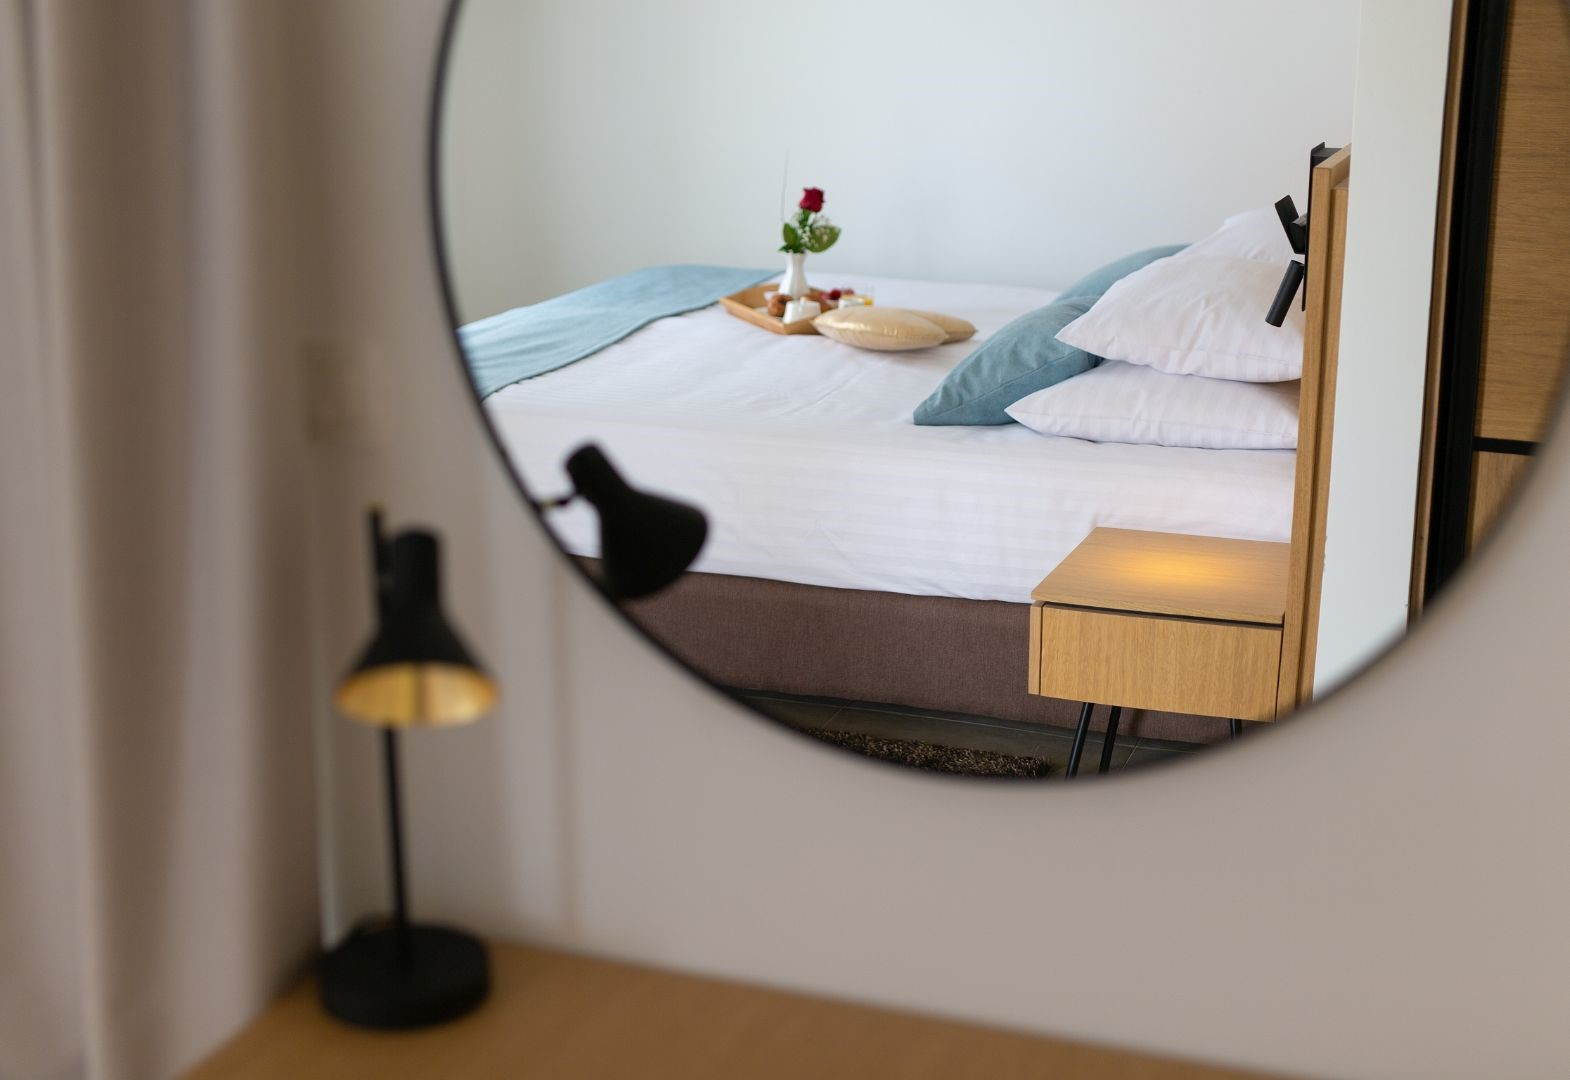 Ako tražite mjesto za opuštanje i ostavljanje svakodnevnih briga iza vas, Villa Allegra bi mogla biti pravo mjesto za vas!